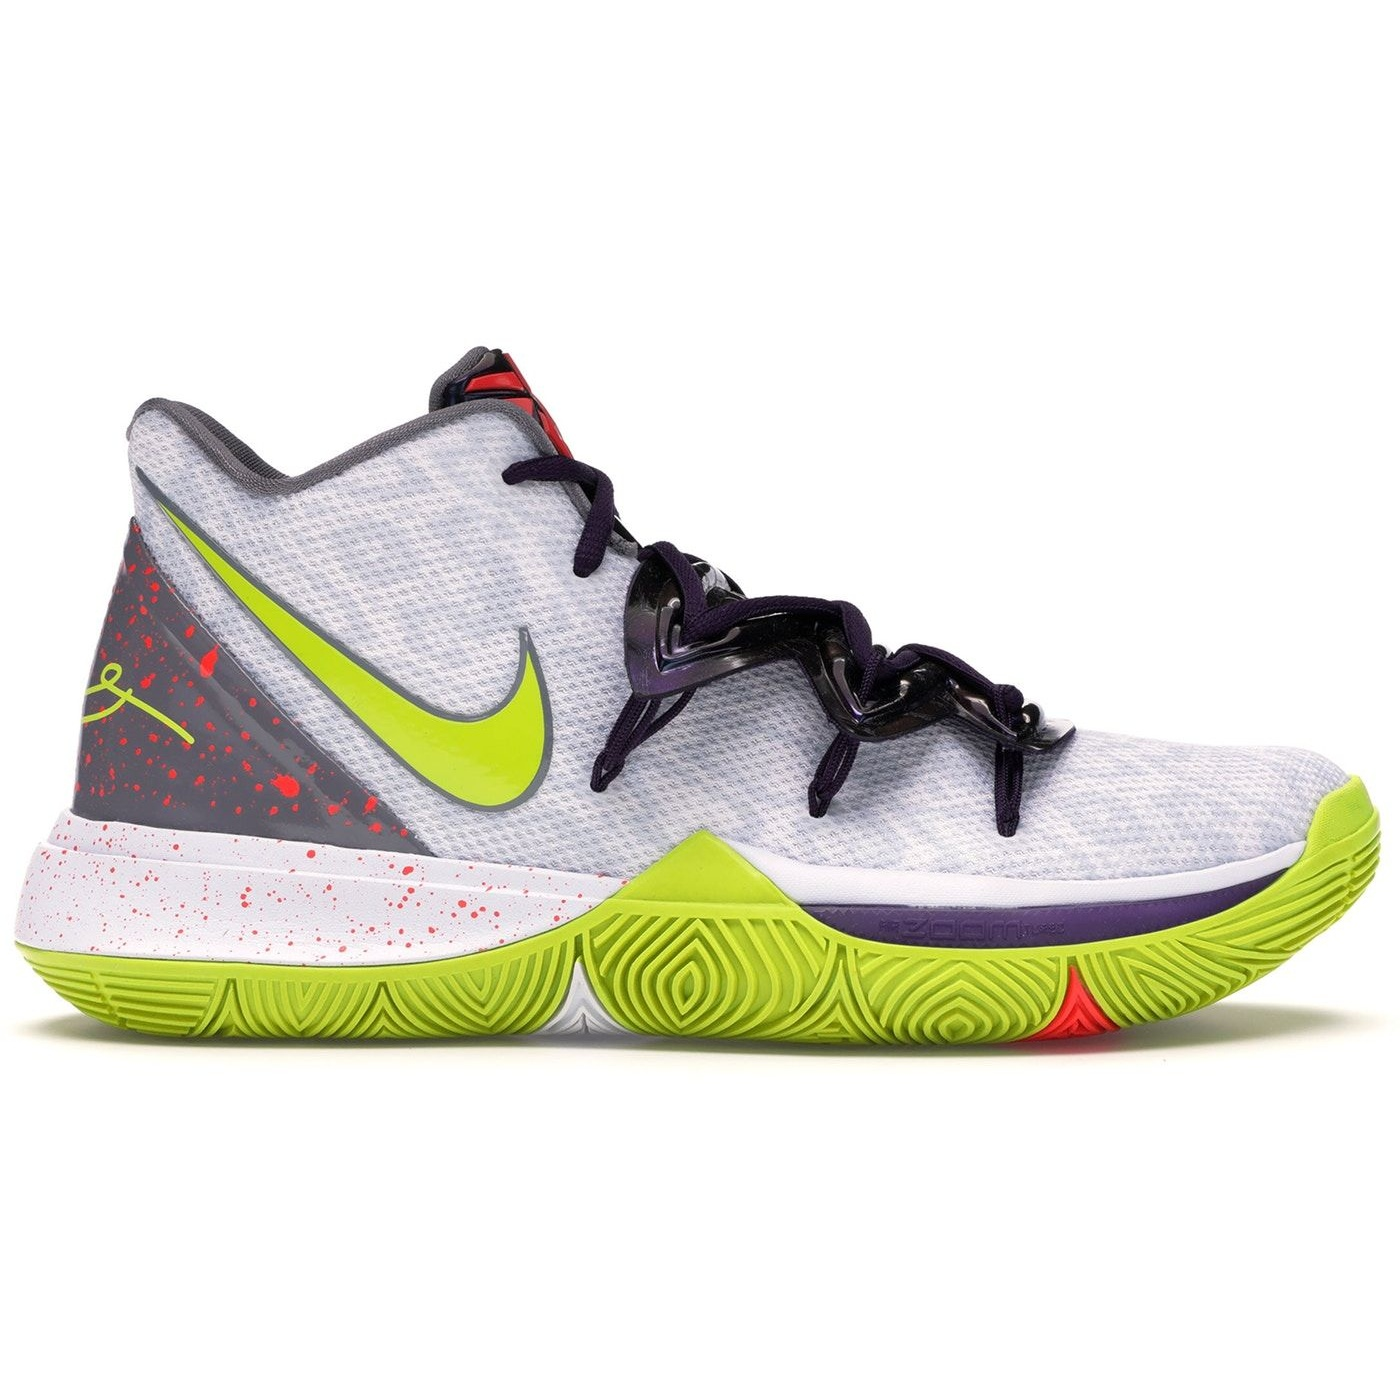 قیمت خرید کفش بسکتبال مردانه مدل Kyrie 5 Mamba Mentality کد AO2918-102 اورجینال